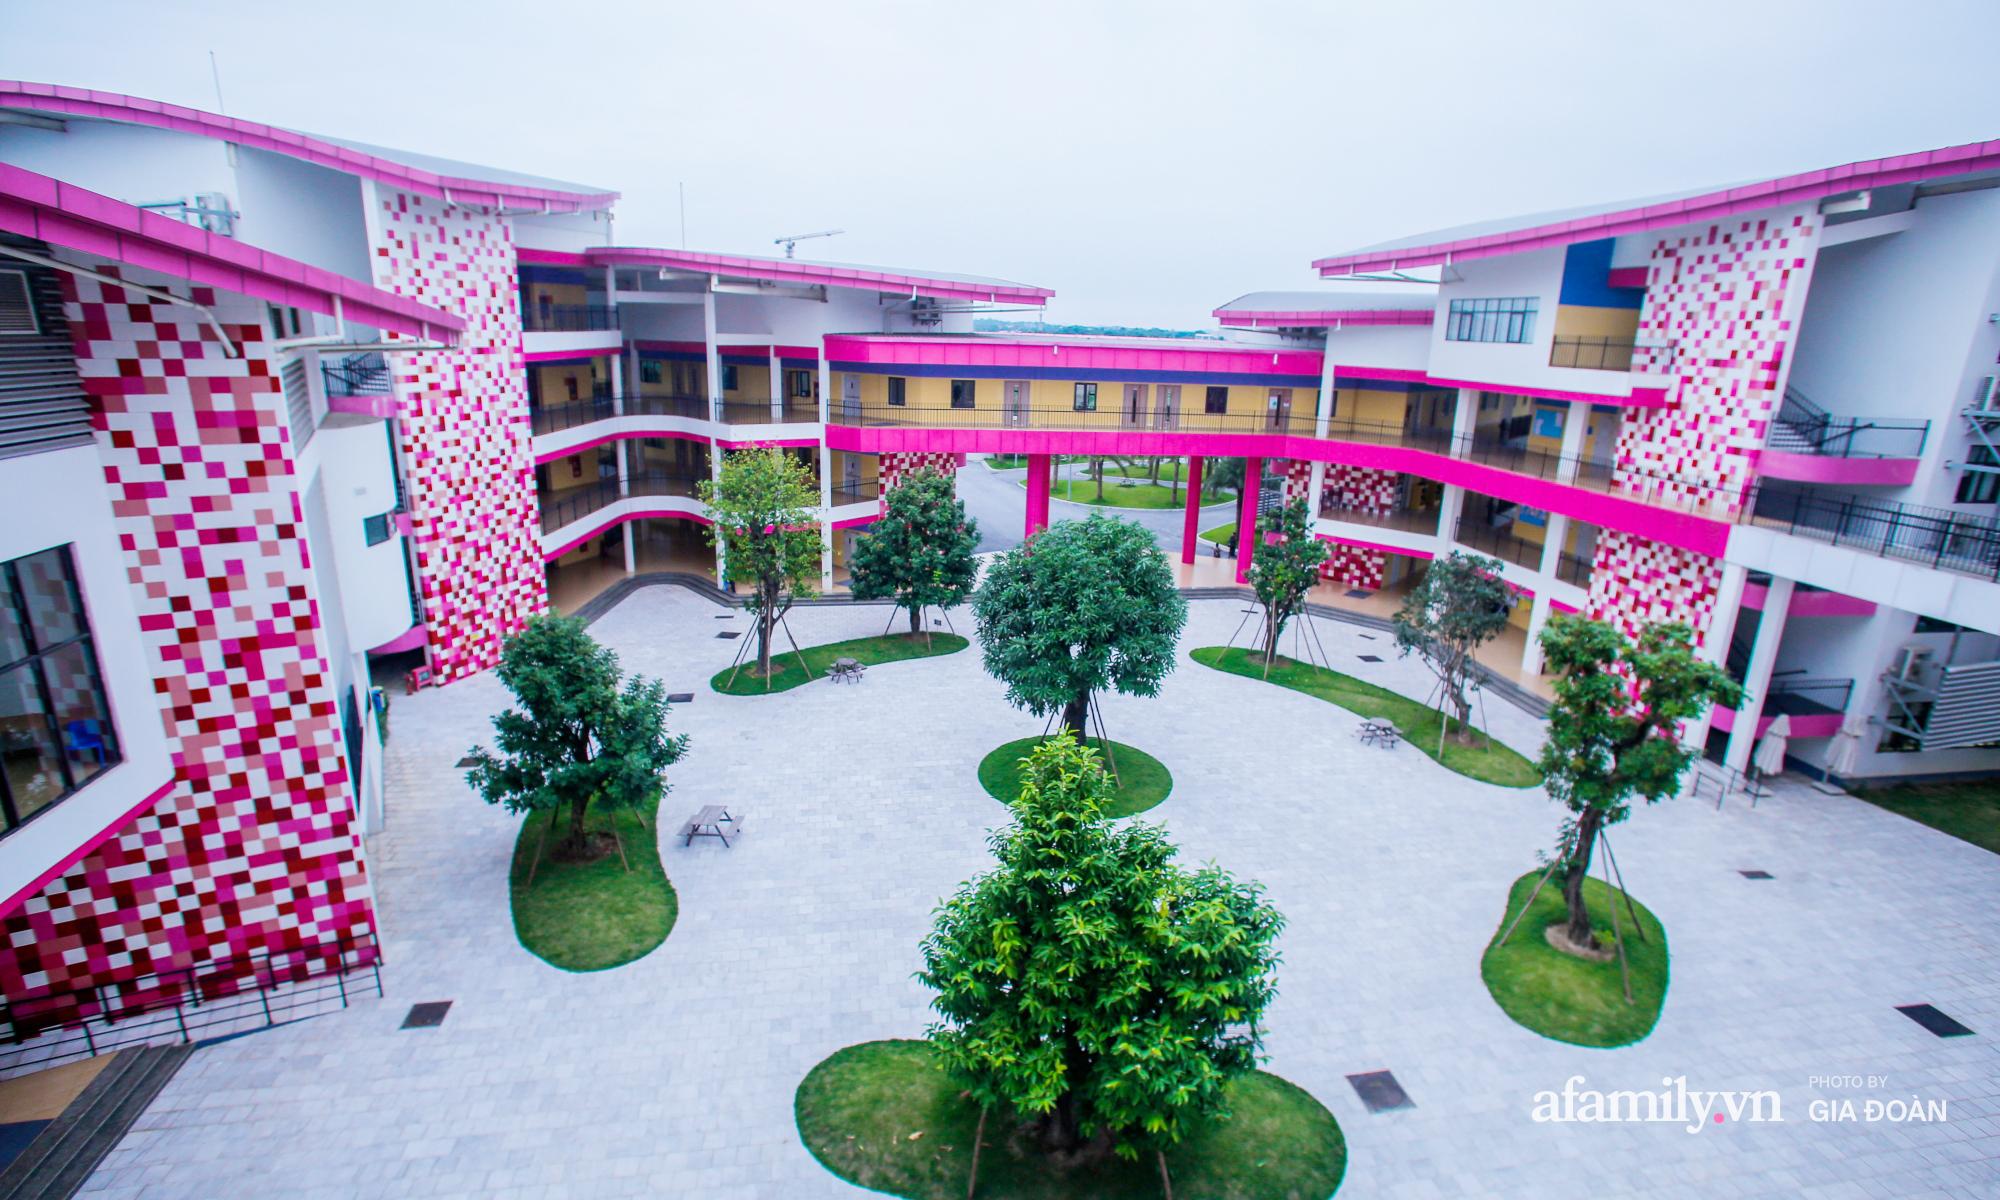 """""""Đột nhập"""" trường nội trú chuẩn quốc tế ở Hà Nội: Học phí nửa tỷ đồng/năm, con đi học một thời gian mà thay đổi 180 độ - Ảnh 3."""